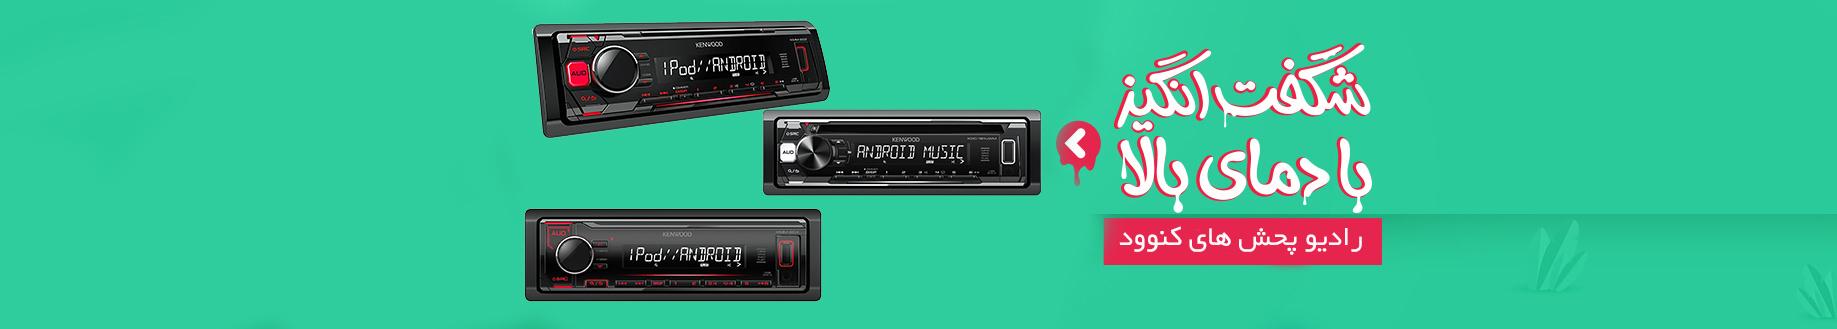 رادیو پخش های کنوود